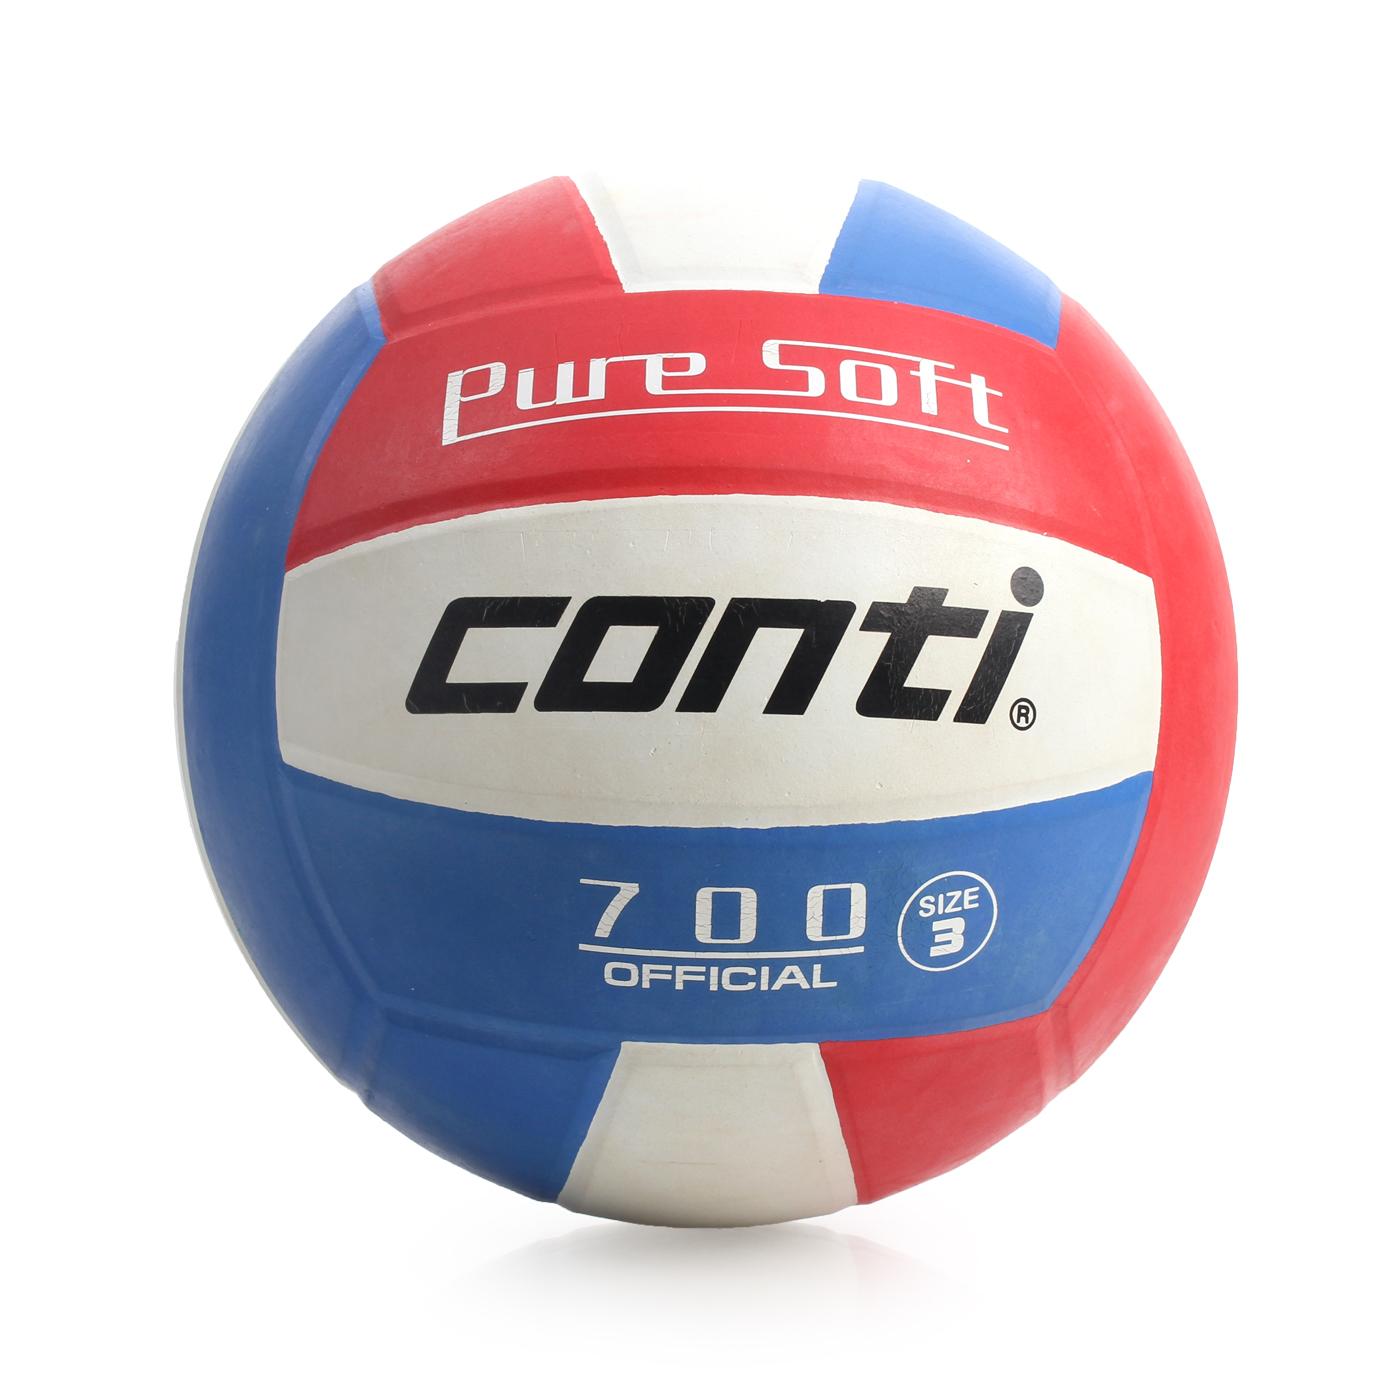 詠冠conti 3號超軟橡膠排球 CONTIV700-3-RWB - 藍紅